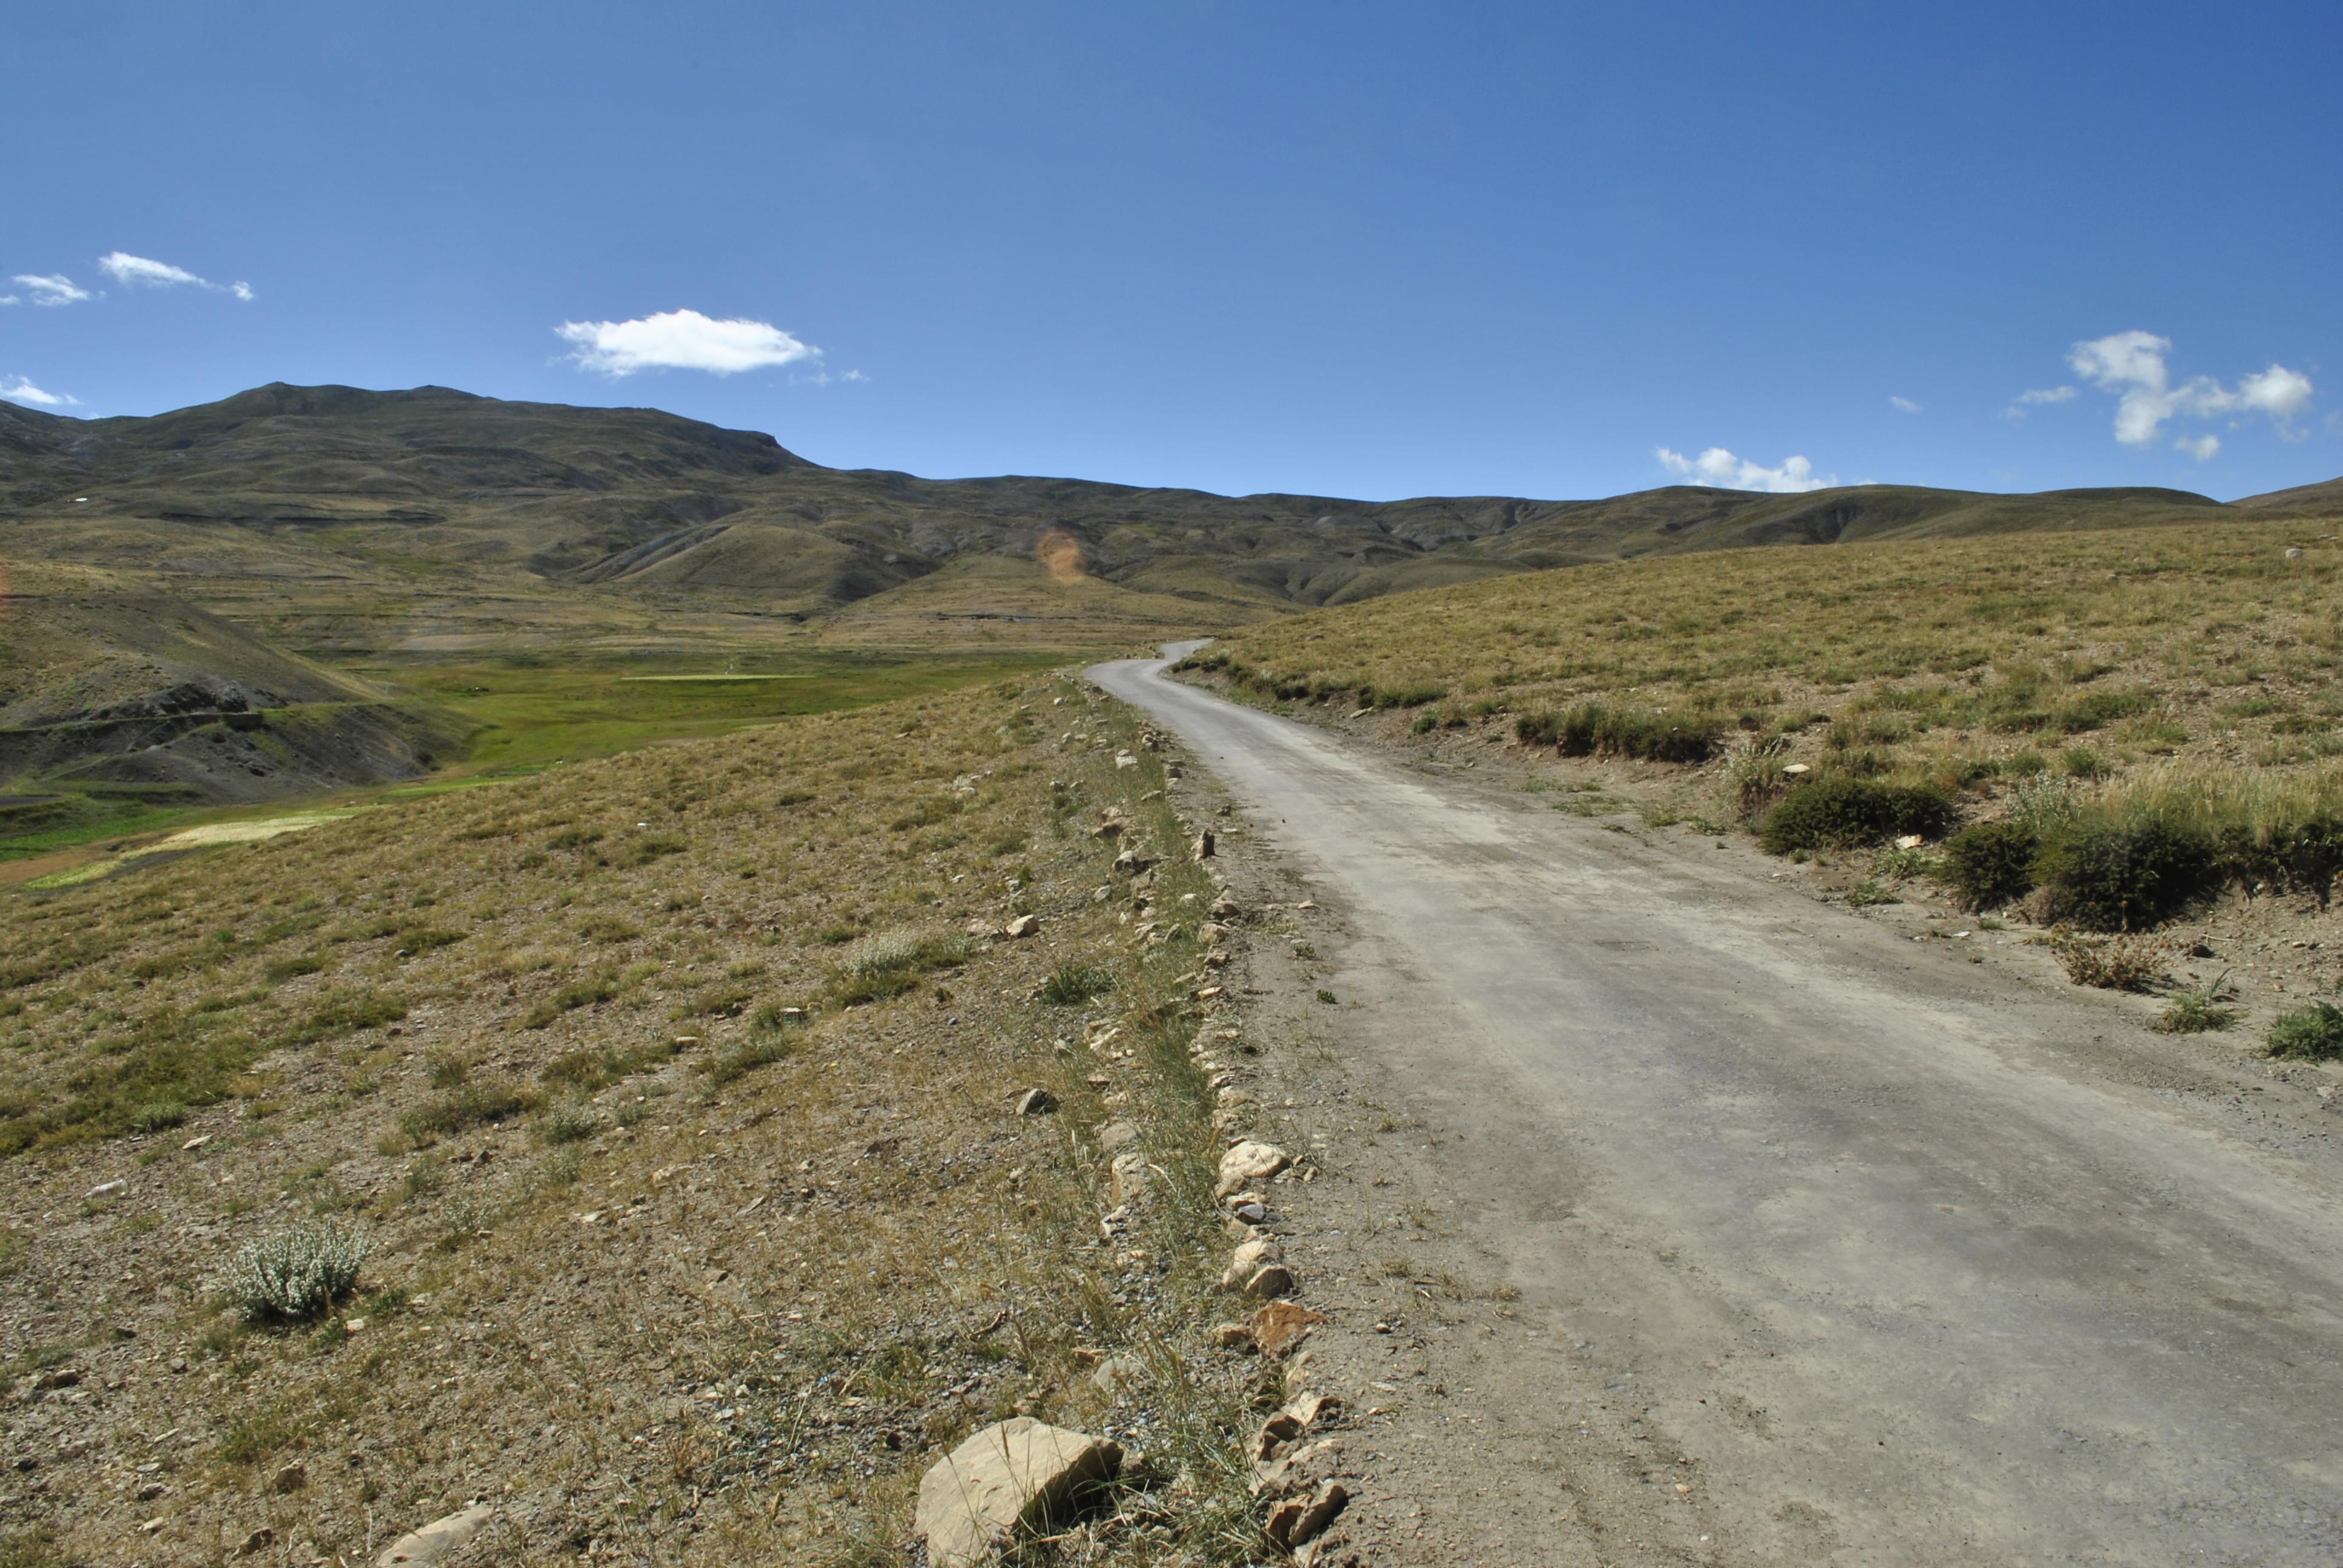 Road to Komik Village Spiti